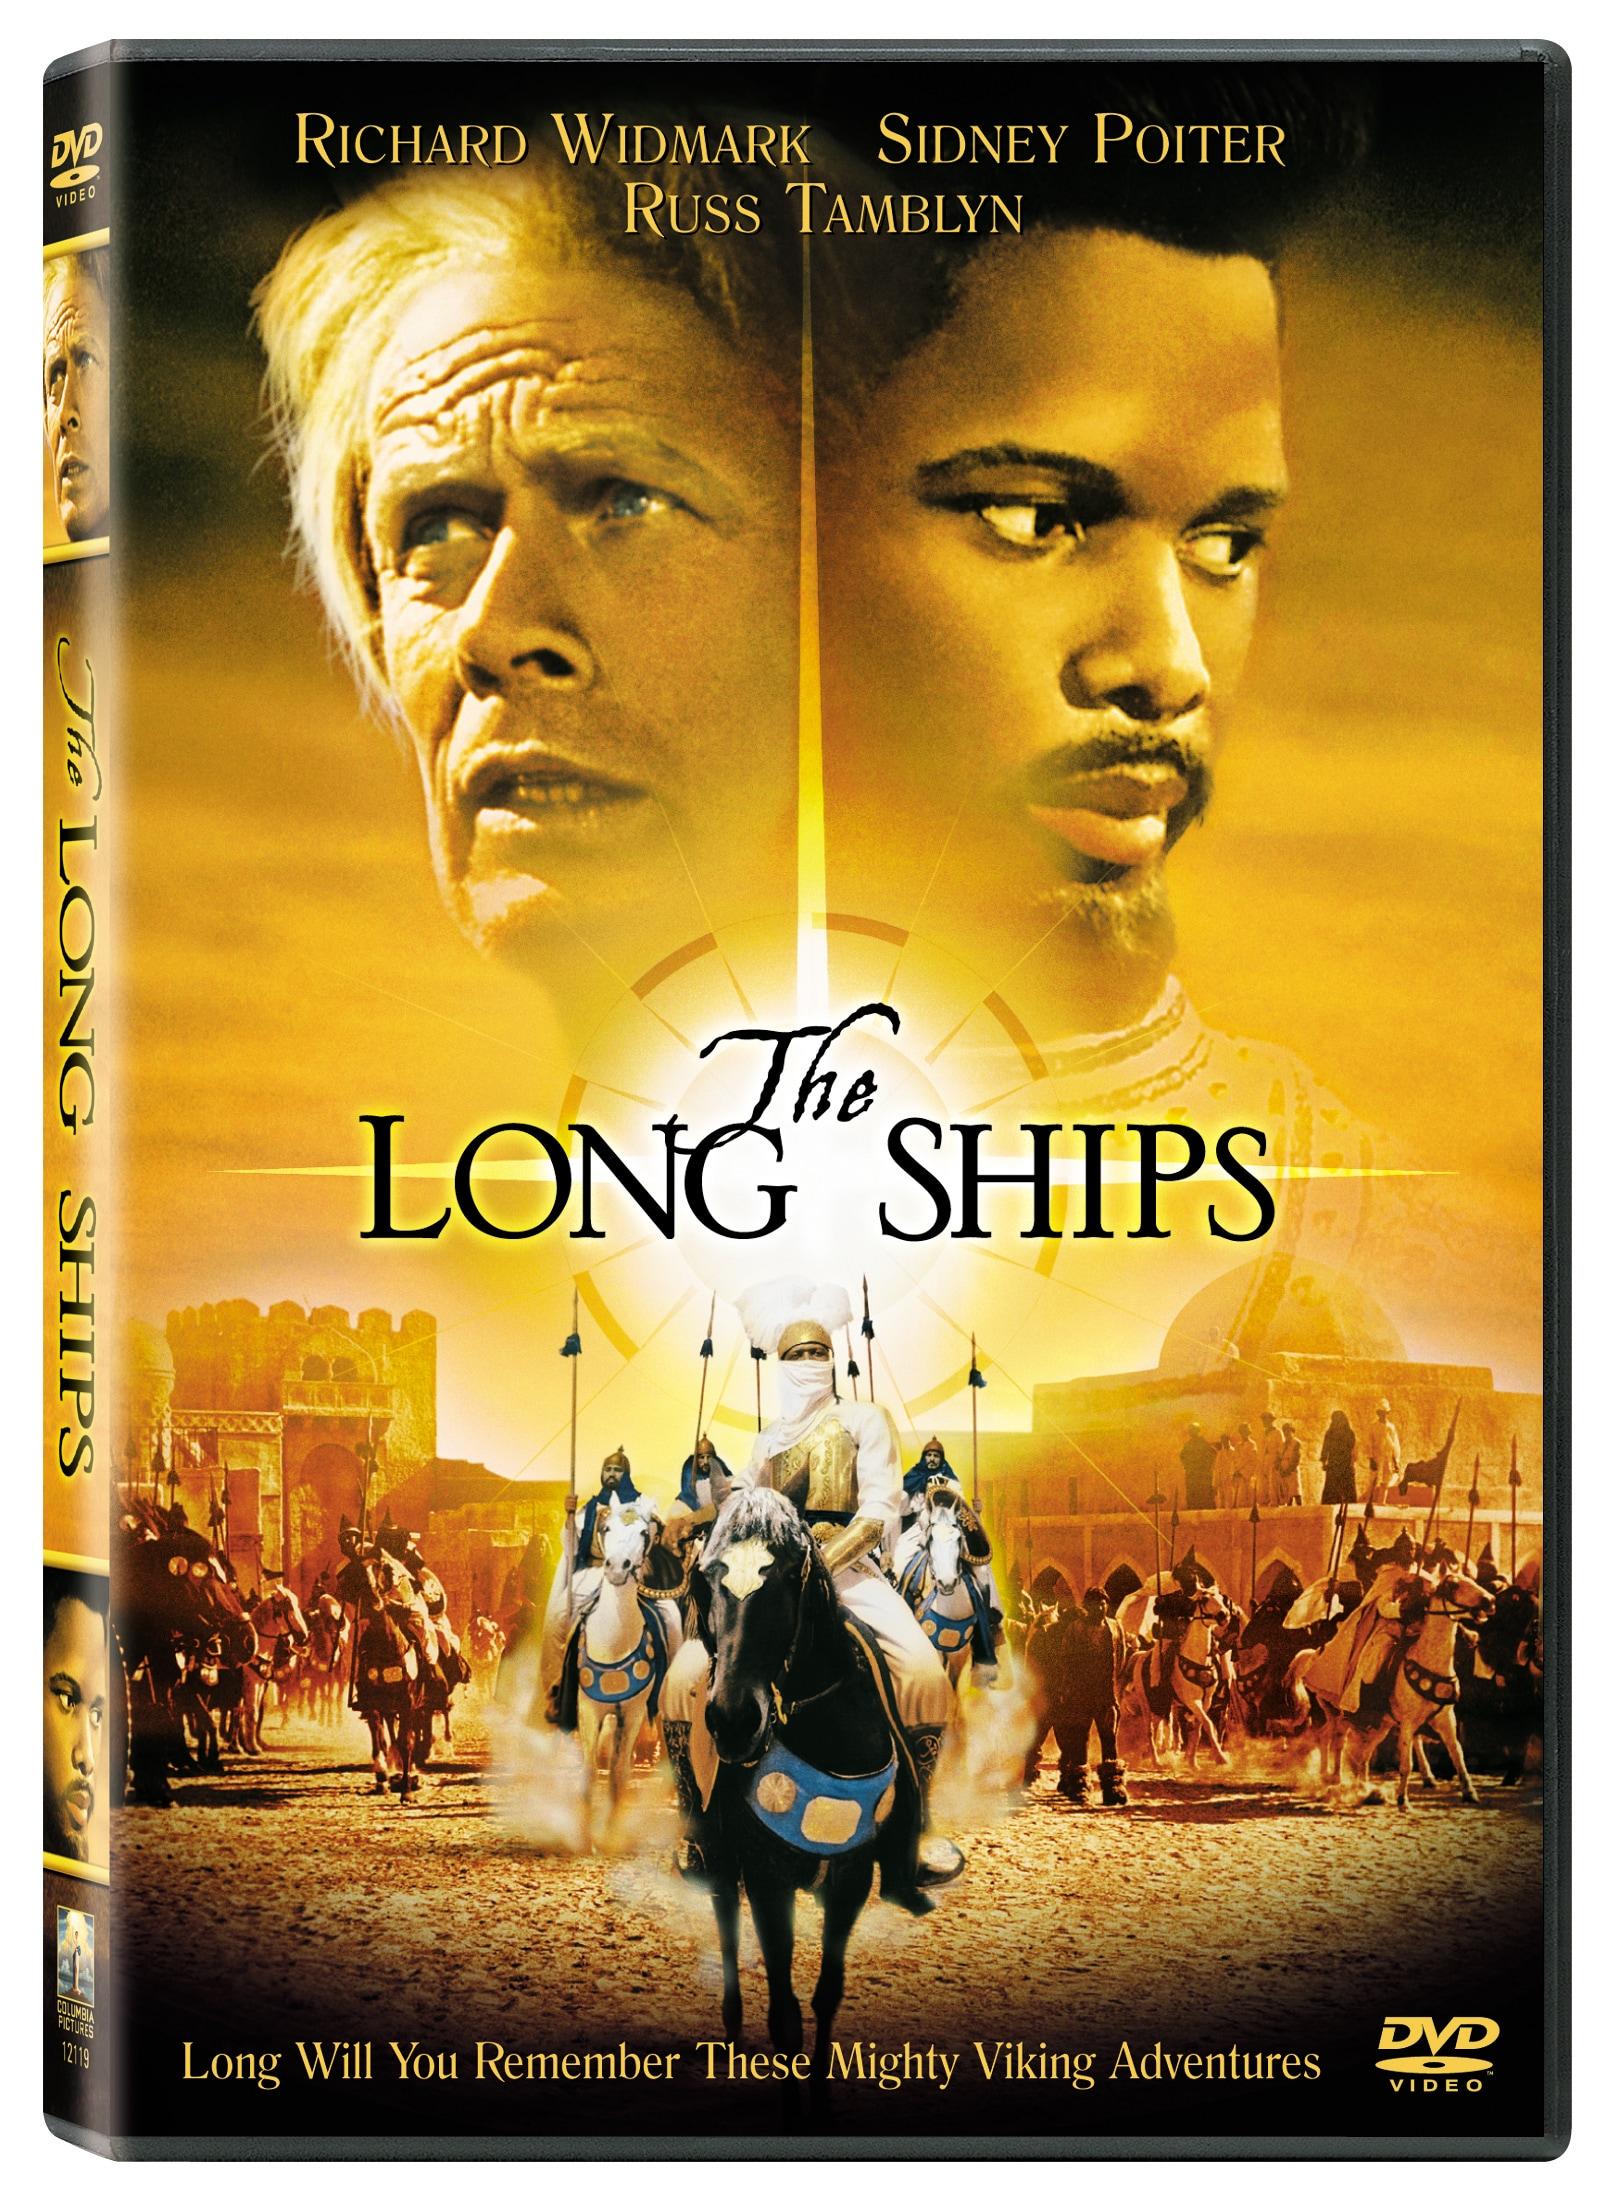 Long Ships (DVD)